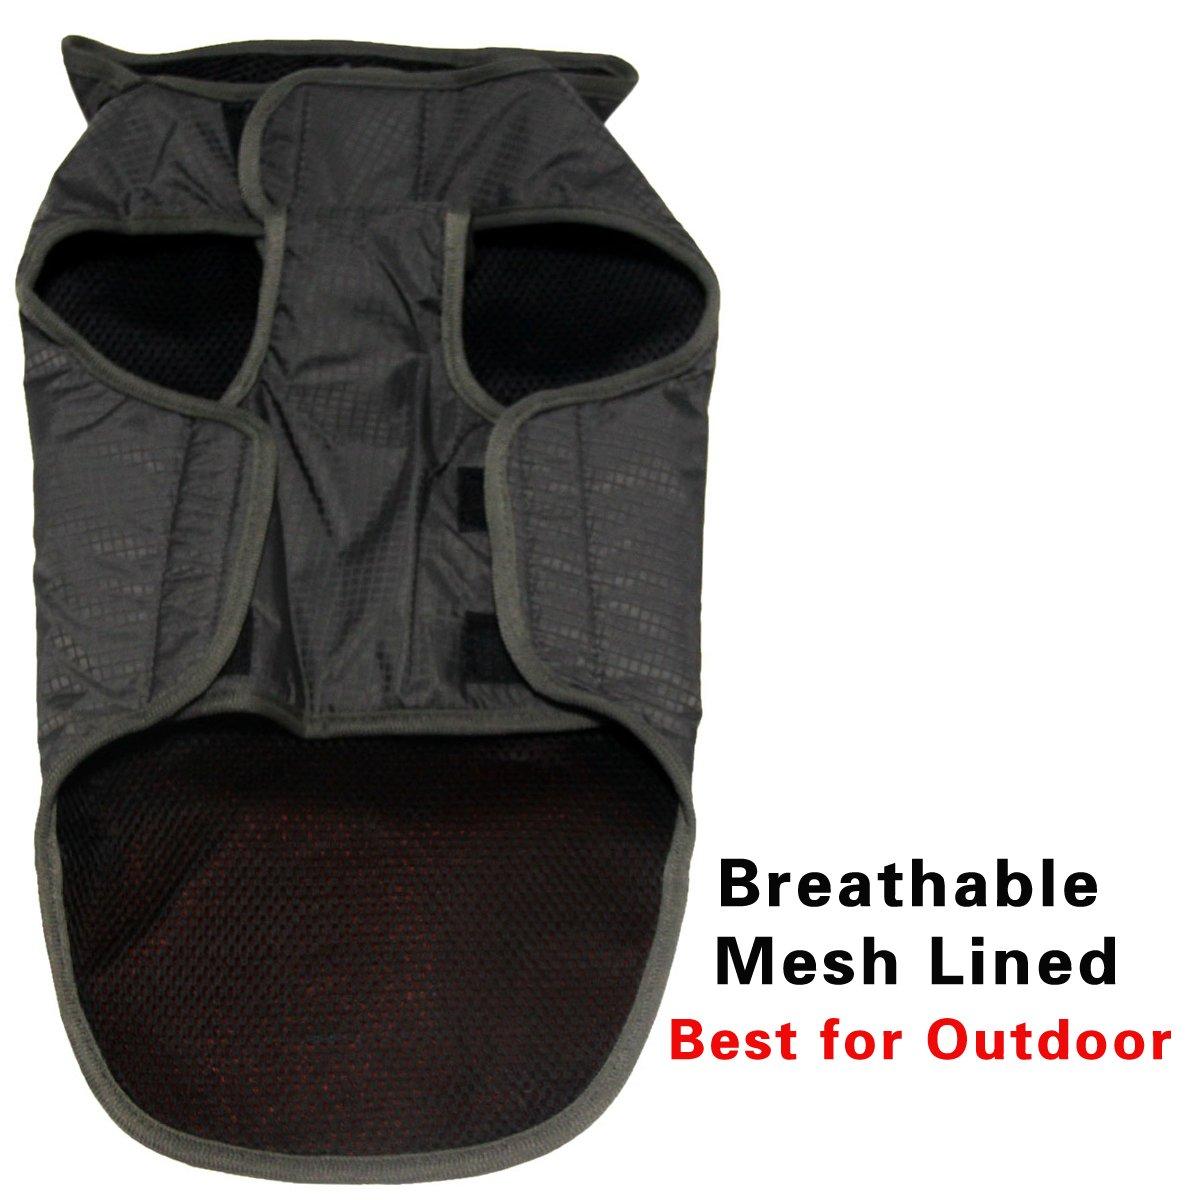 JoyDaog Premium Outdoor Sport Waterproof Raincoat Dog Jacket,Super Breathable Mesh Lined Dog Coats for Large Dogs, Orange XXXL by JoyDaog (Image #4)